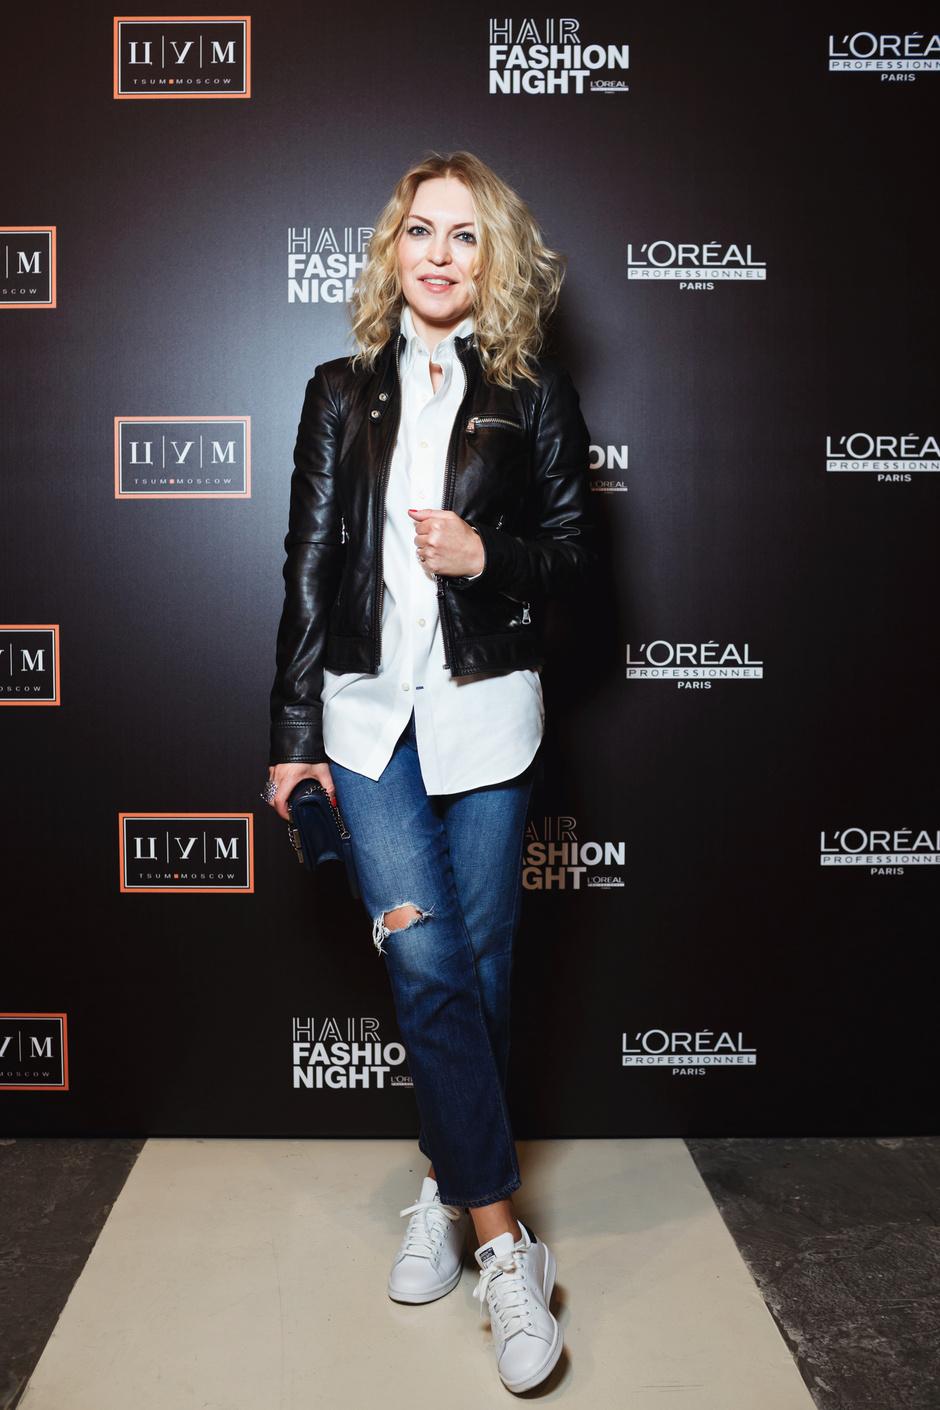 Сегодня ночью: знаменитости на Hair Fashion Night